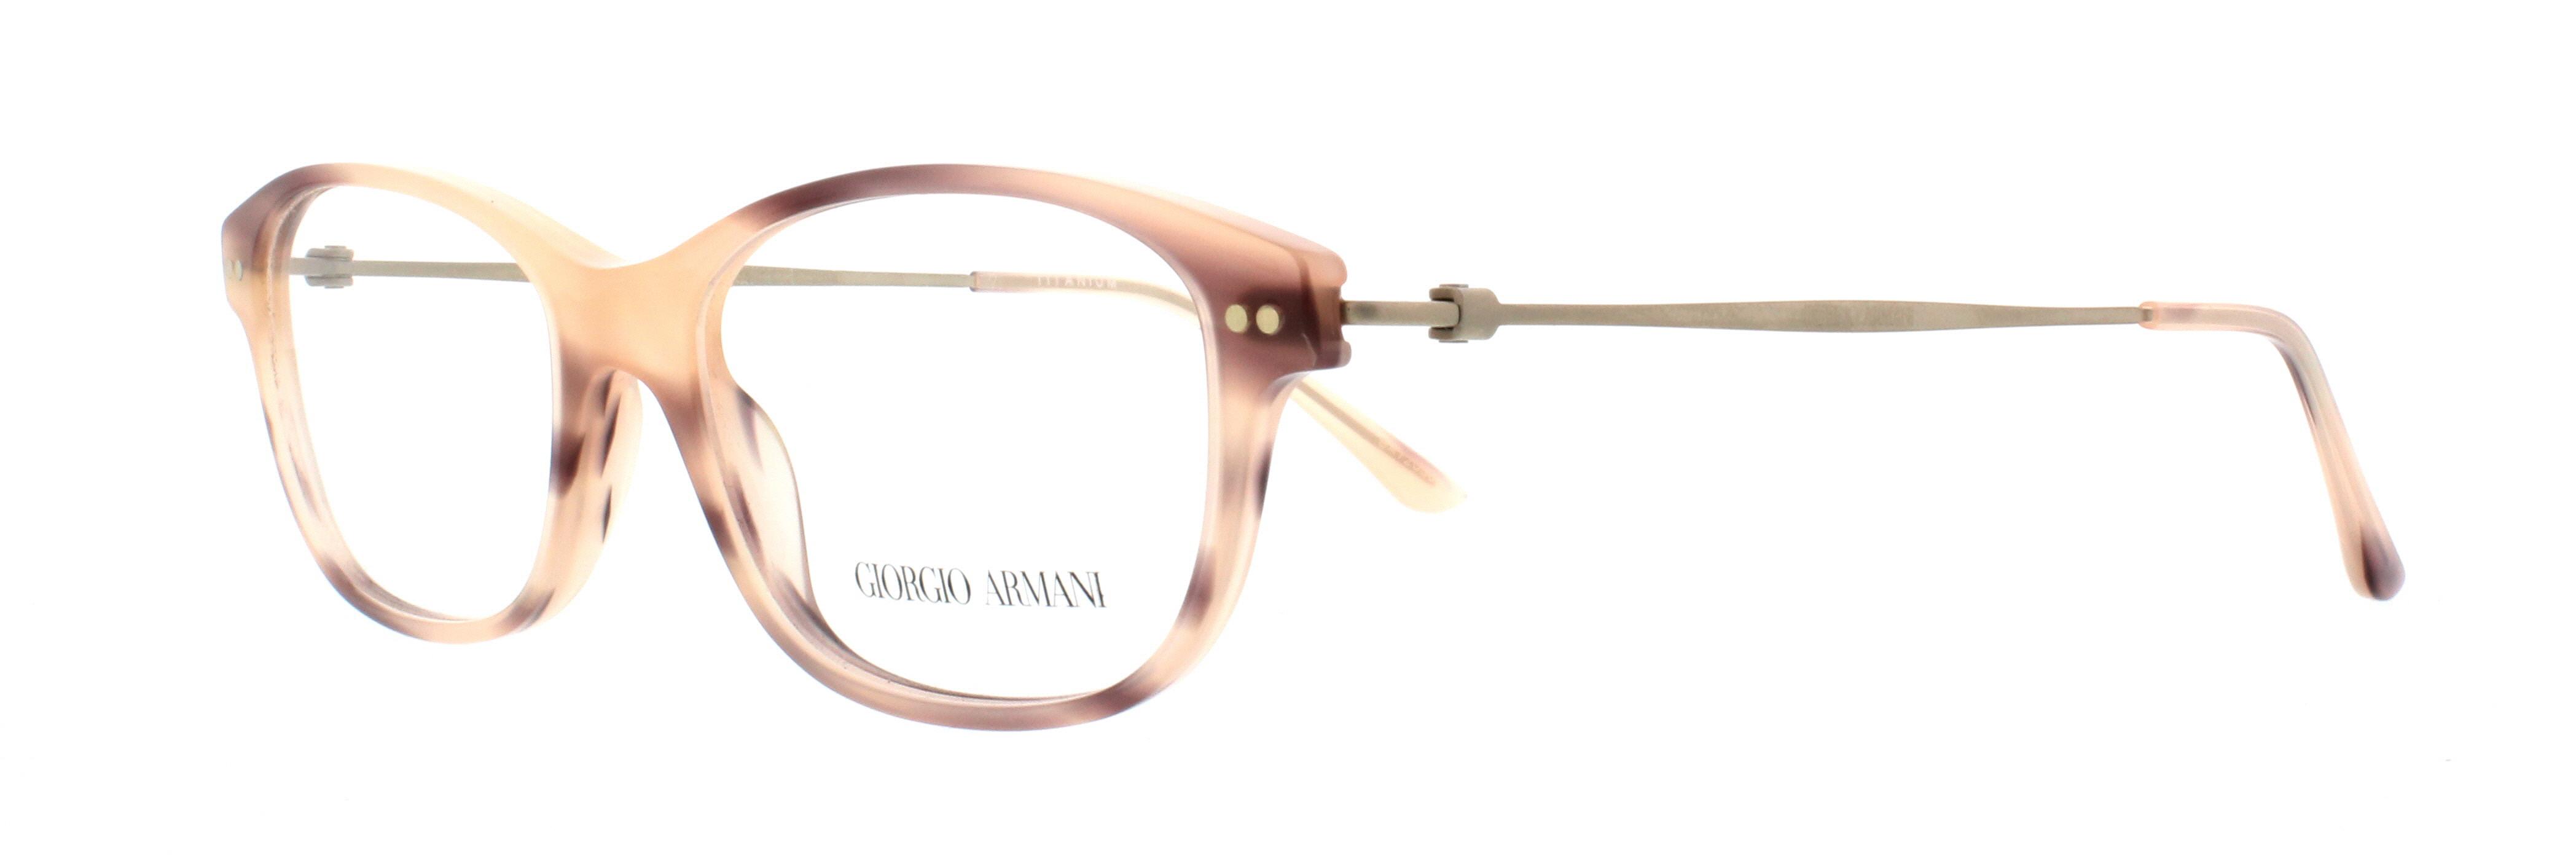 Designer Frames Outlet. Giorgio Armani AR7007